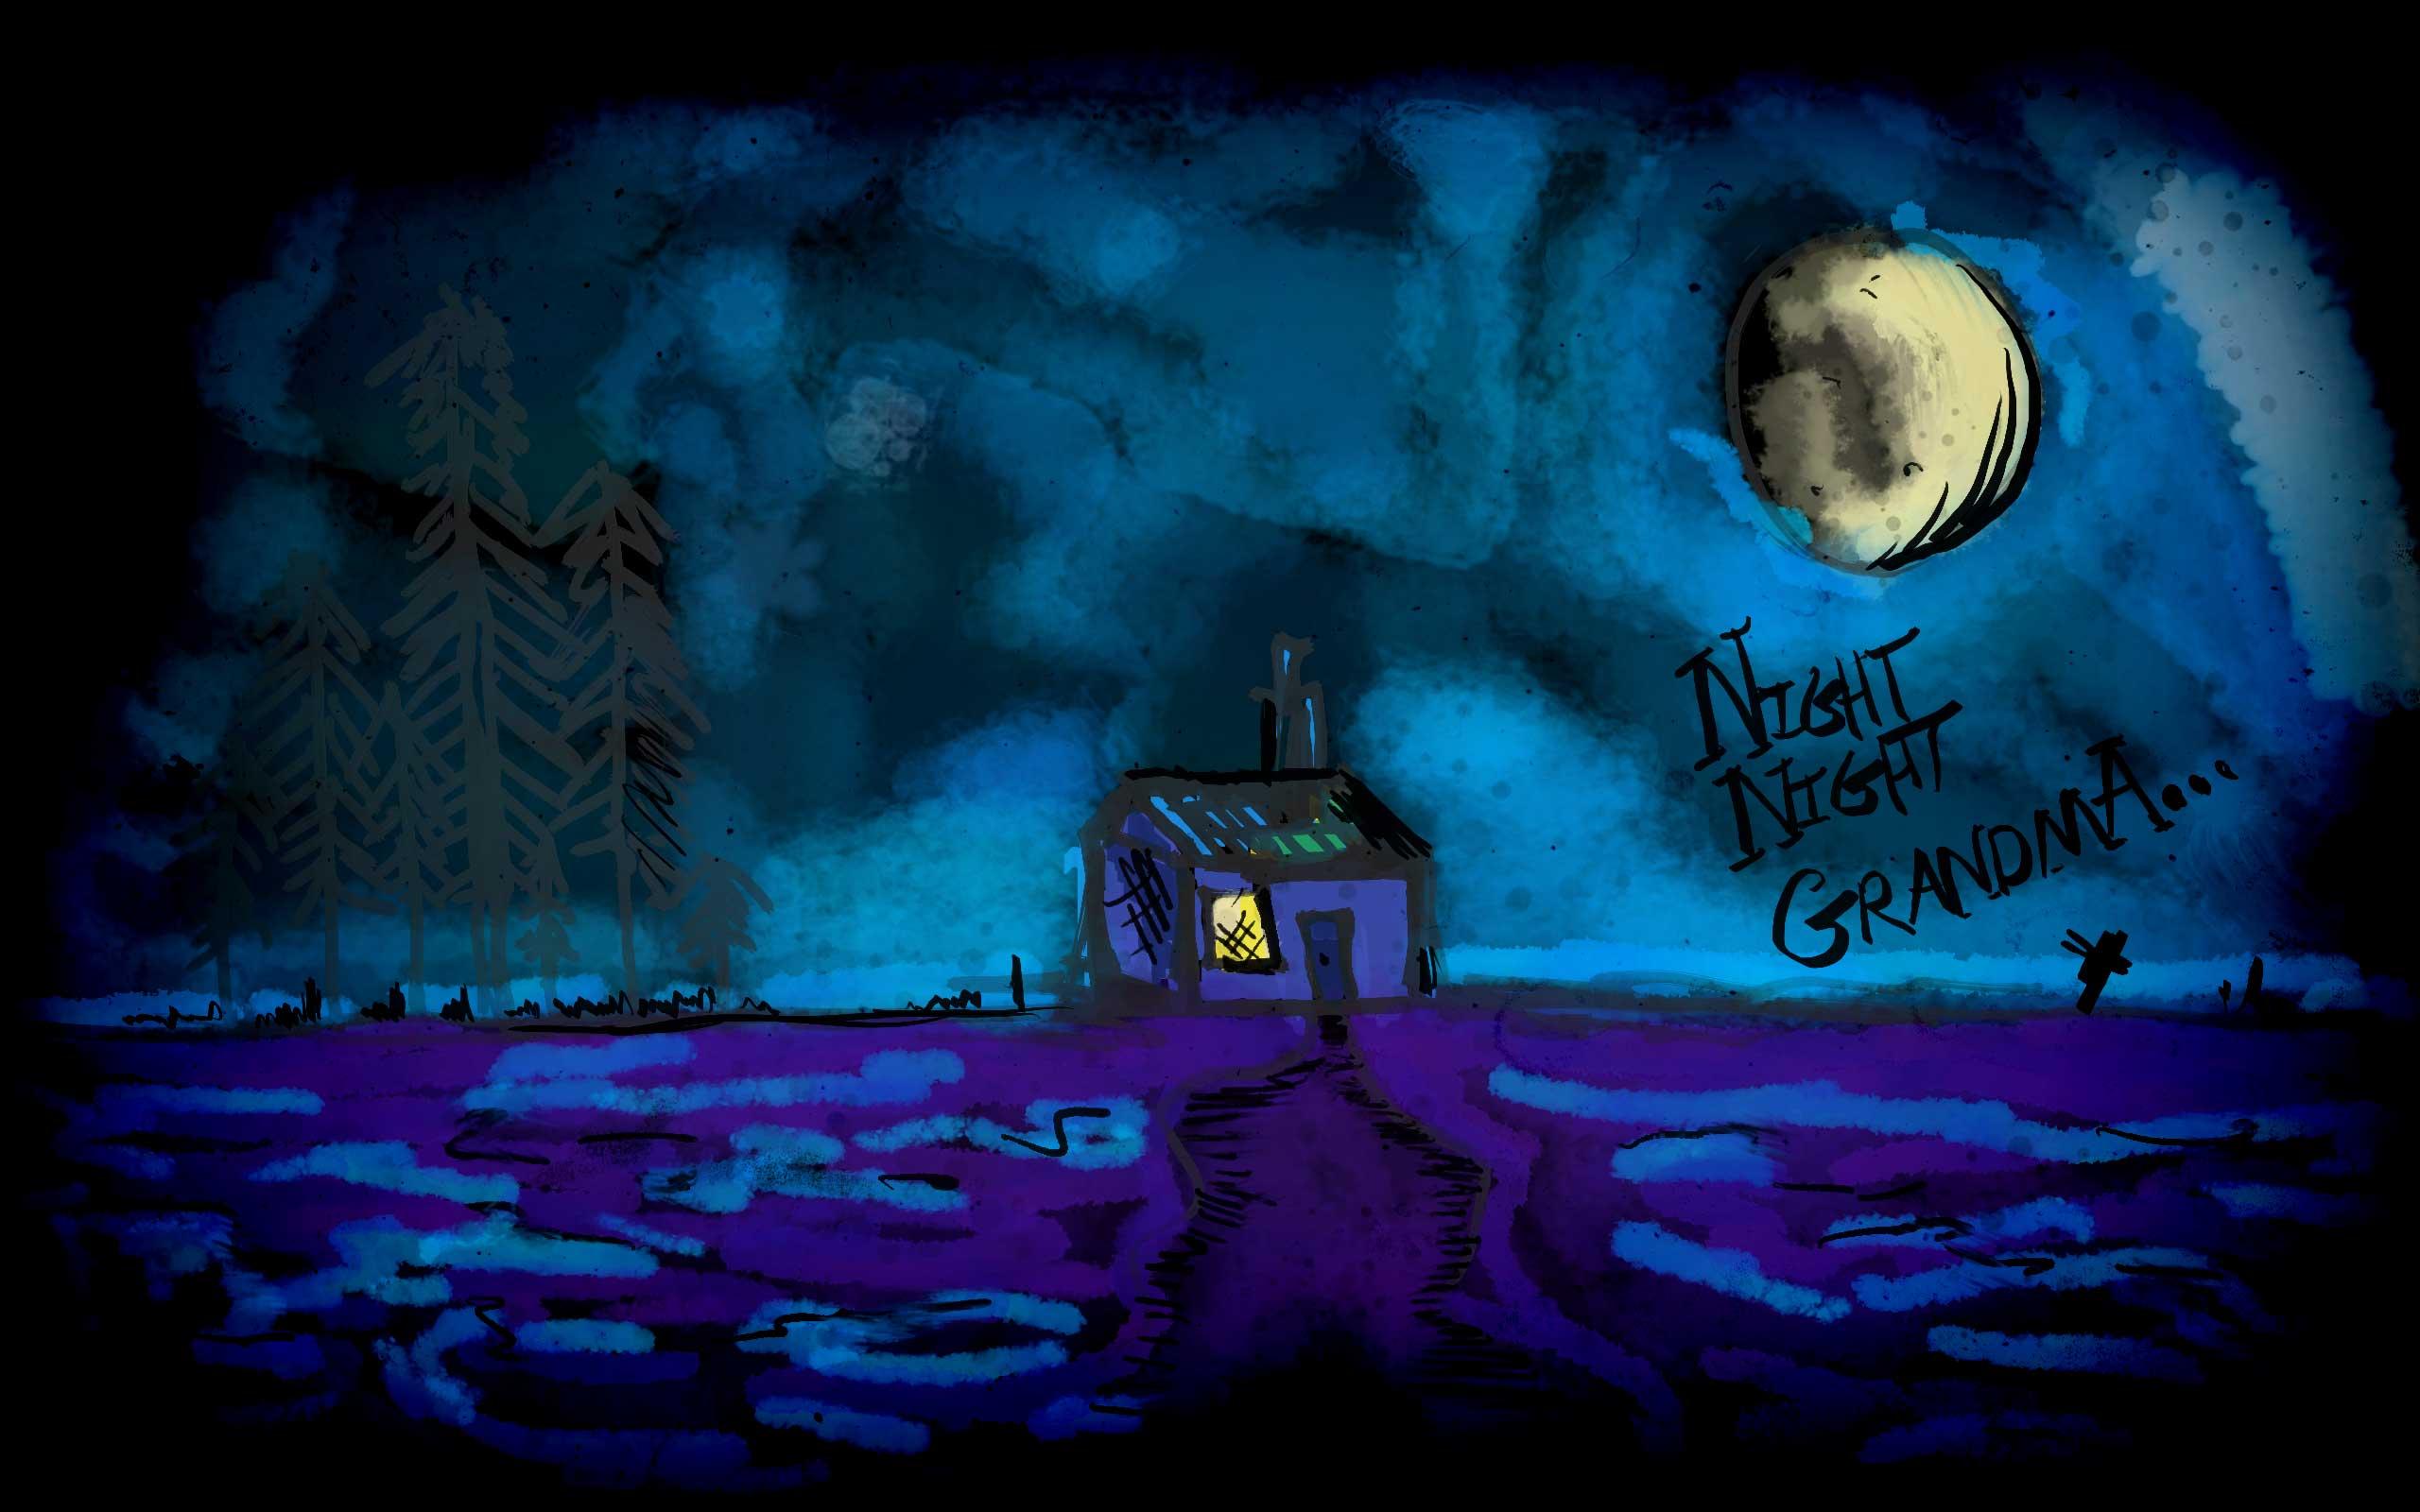 Night-Night-Grandma-night.jpg